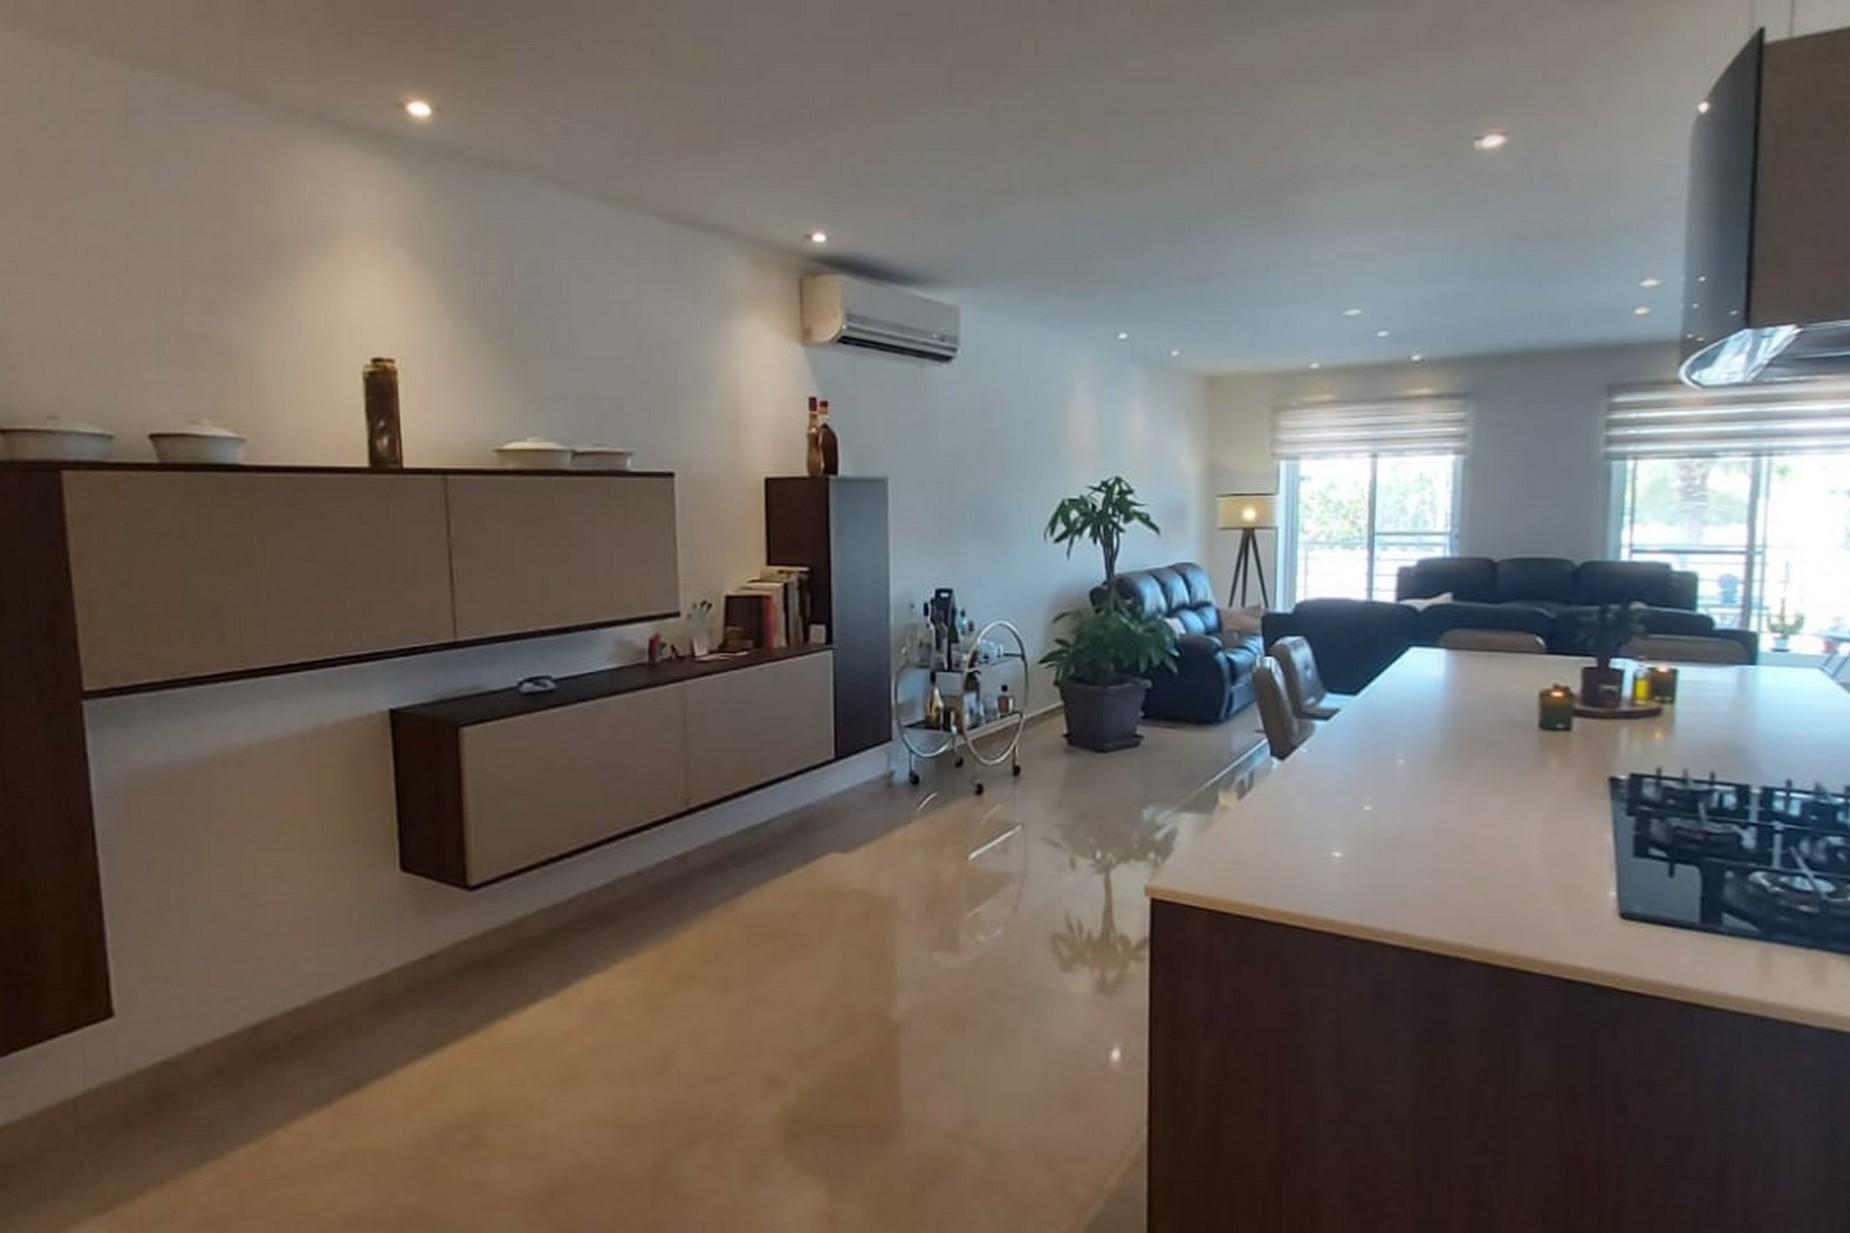 4 bed Apartment For Sale in Santa Venera, Santa Venera - thumb 11